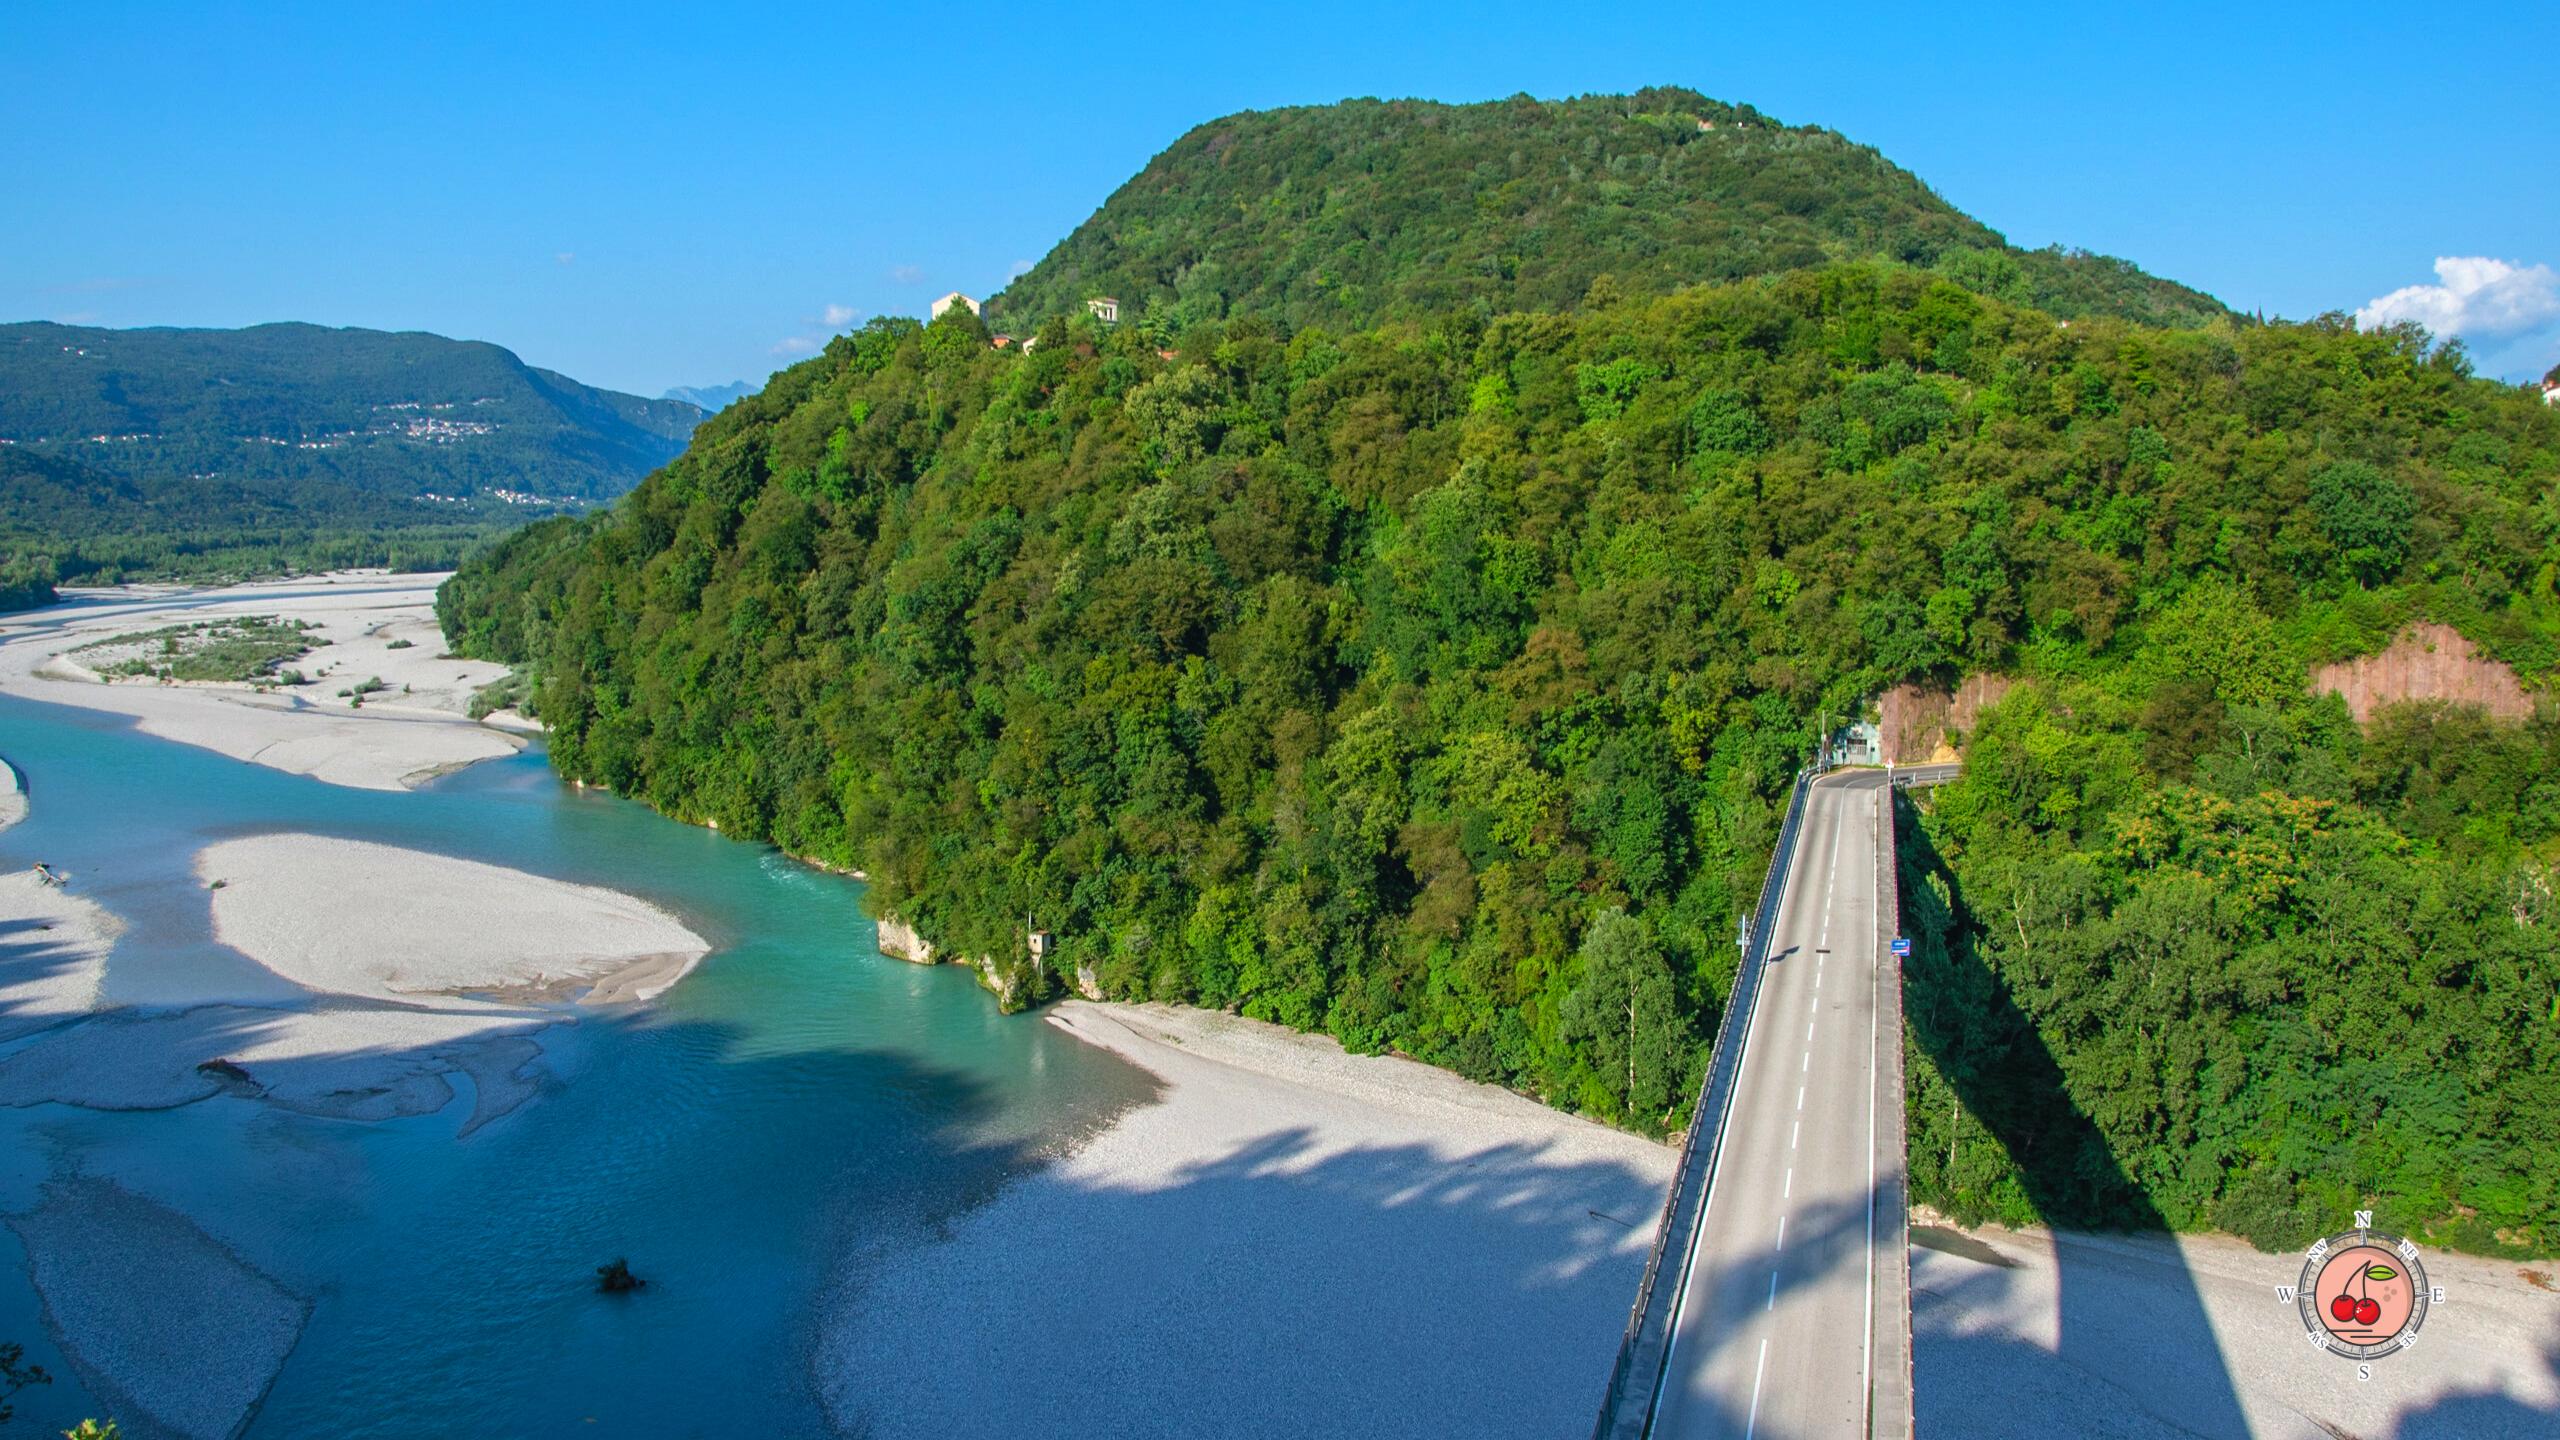 Ponte di Pinzano, Monte Ragogna e Tagliamento